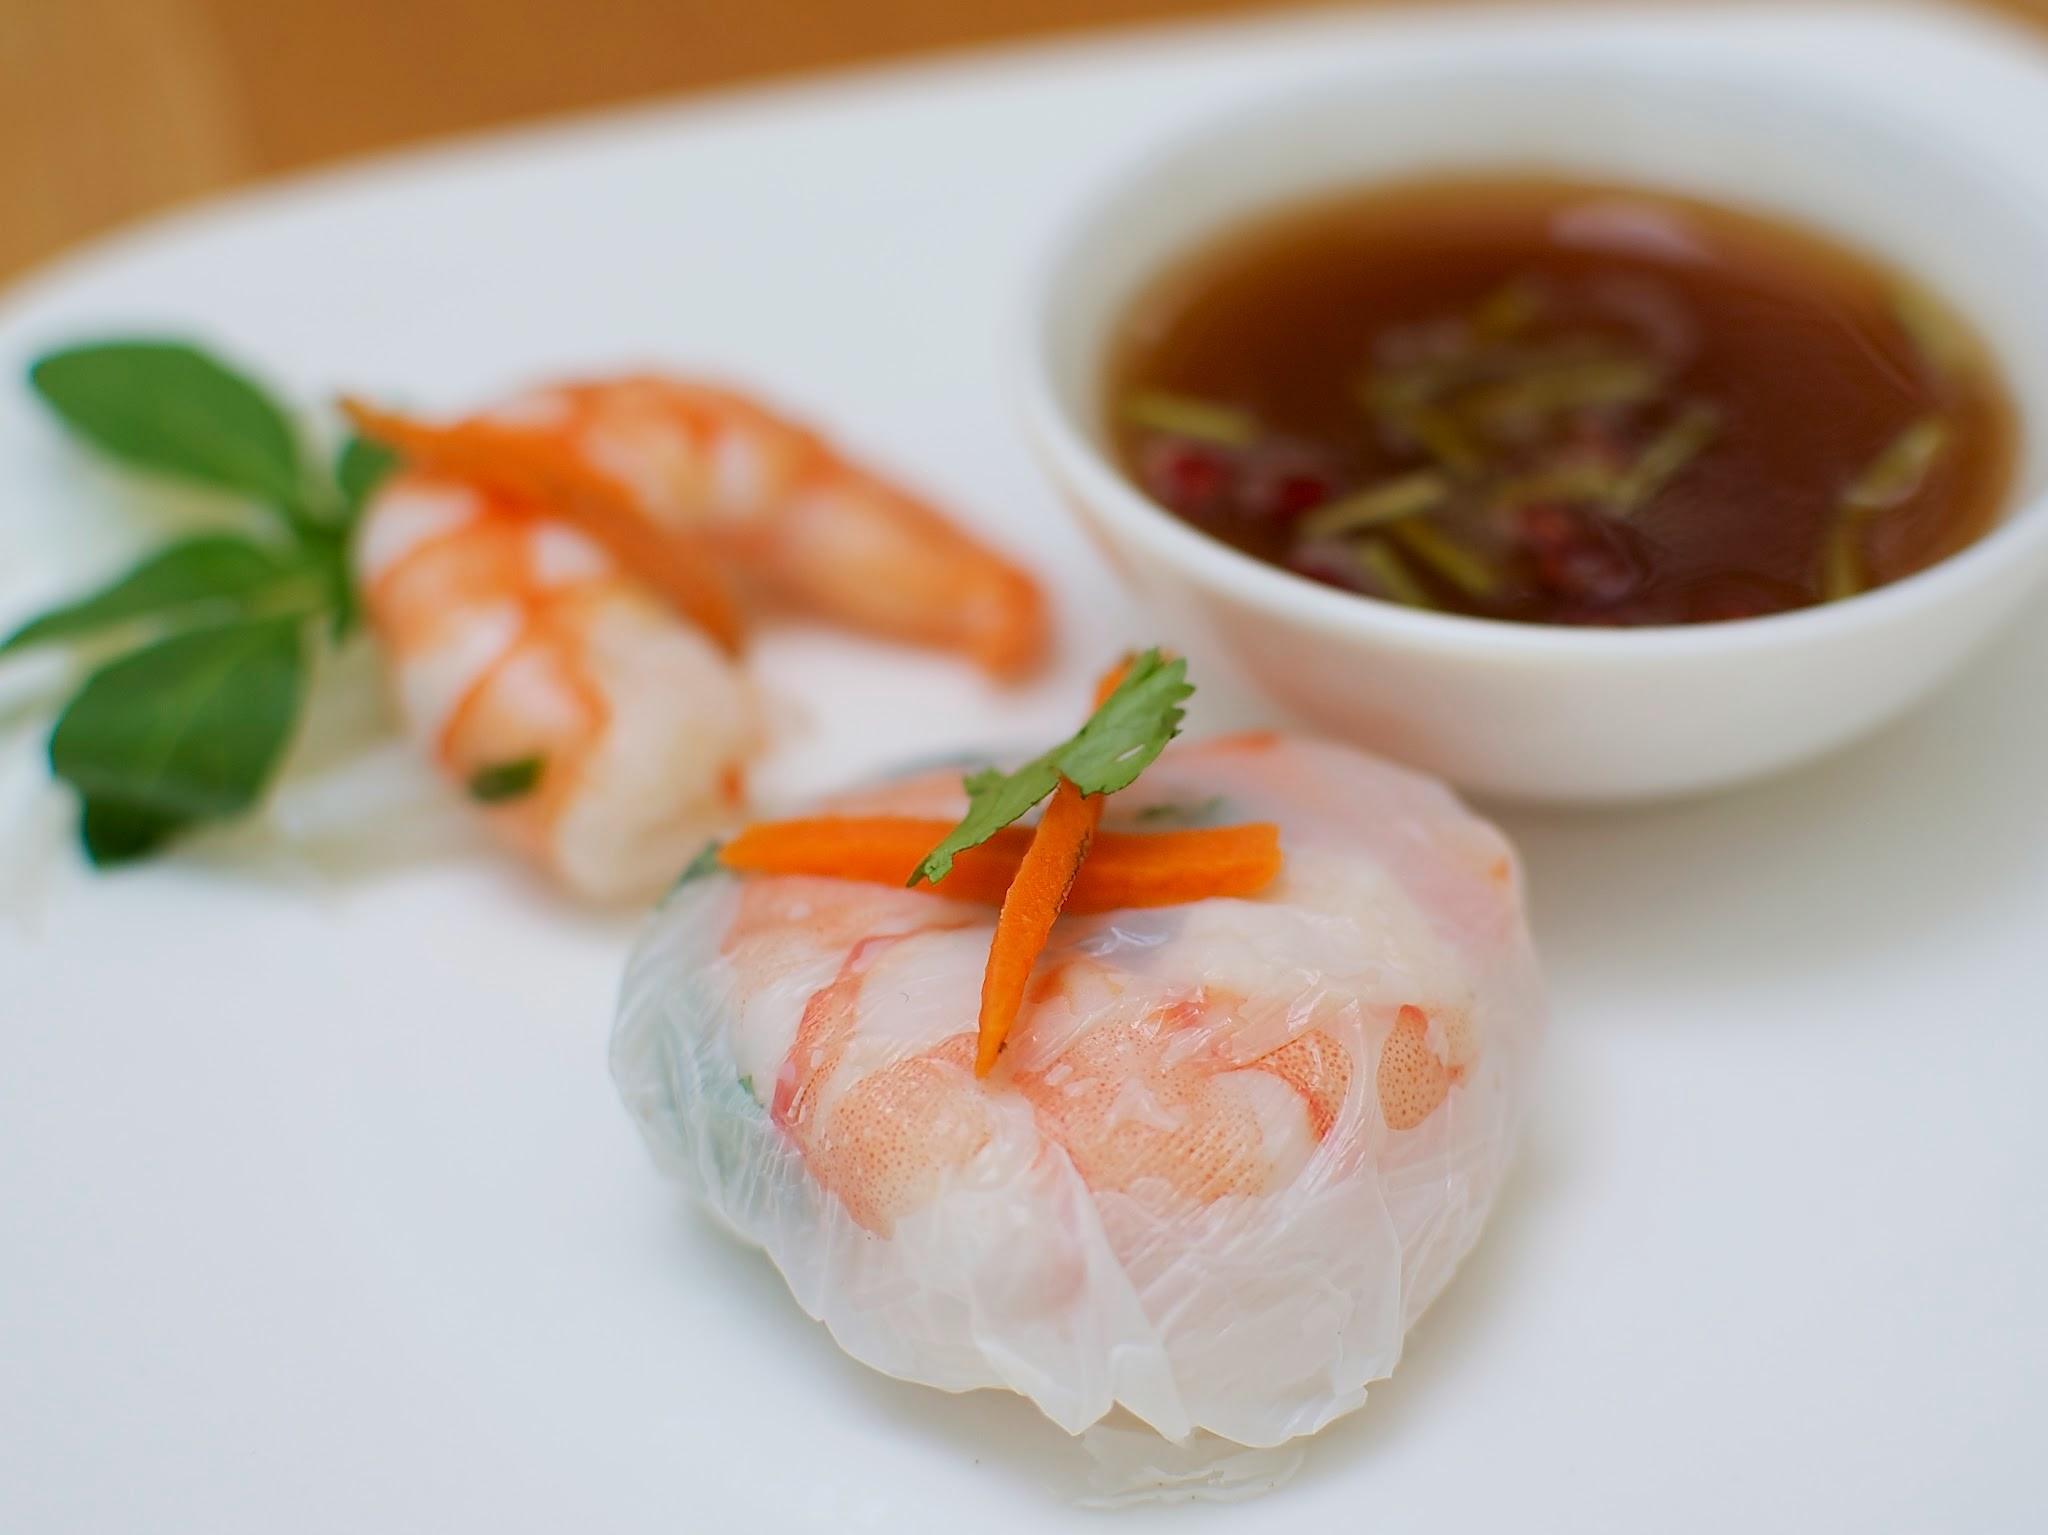 """Rollo """"Vietnam"""" de Camarón  Costalito de hoja de arroz relleno de camarón con fideo, cilantro y albahaca, acompañado de salsa de tamarindo thai. (MÍNIMO 25 PIEZAS) PRECIO POR PIEZA  $ 17.00"""